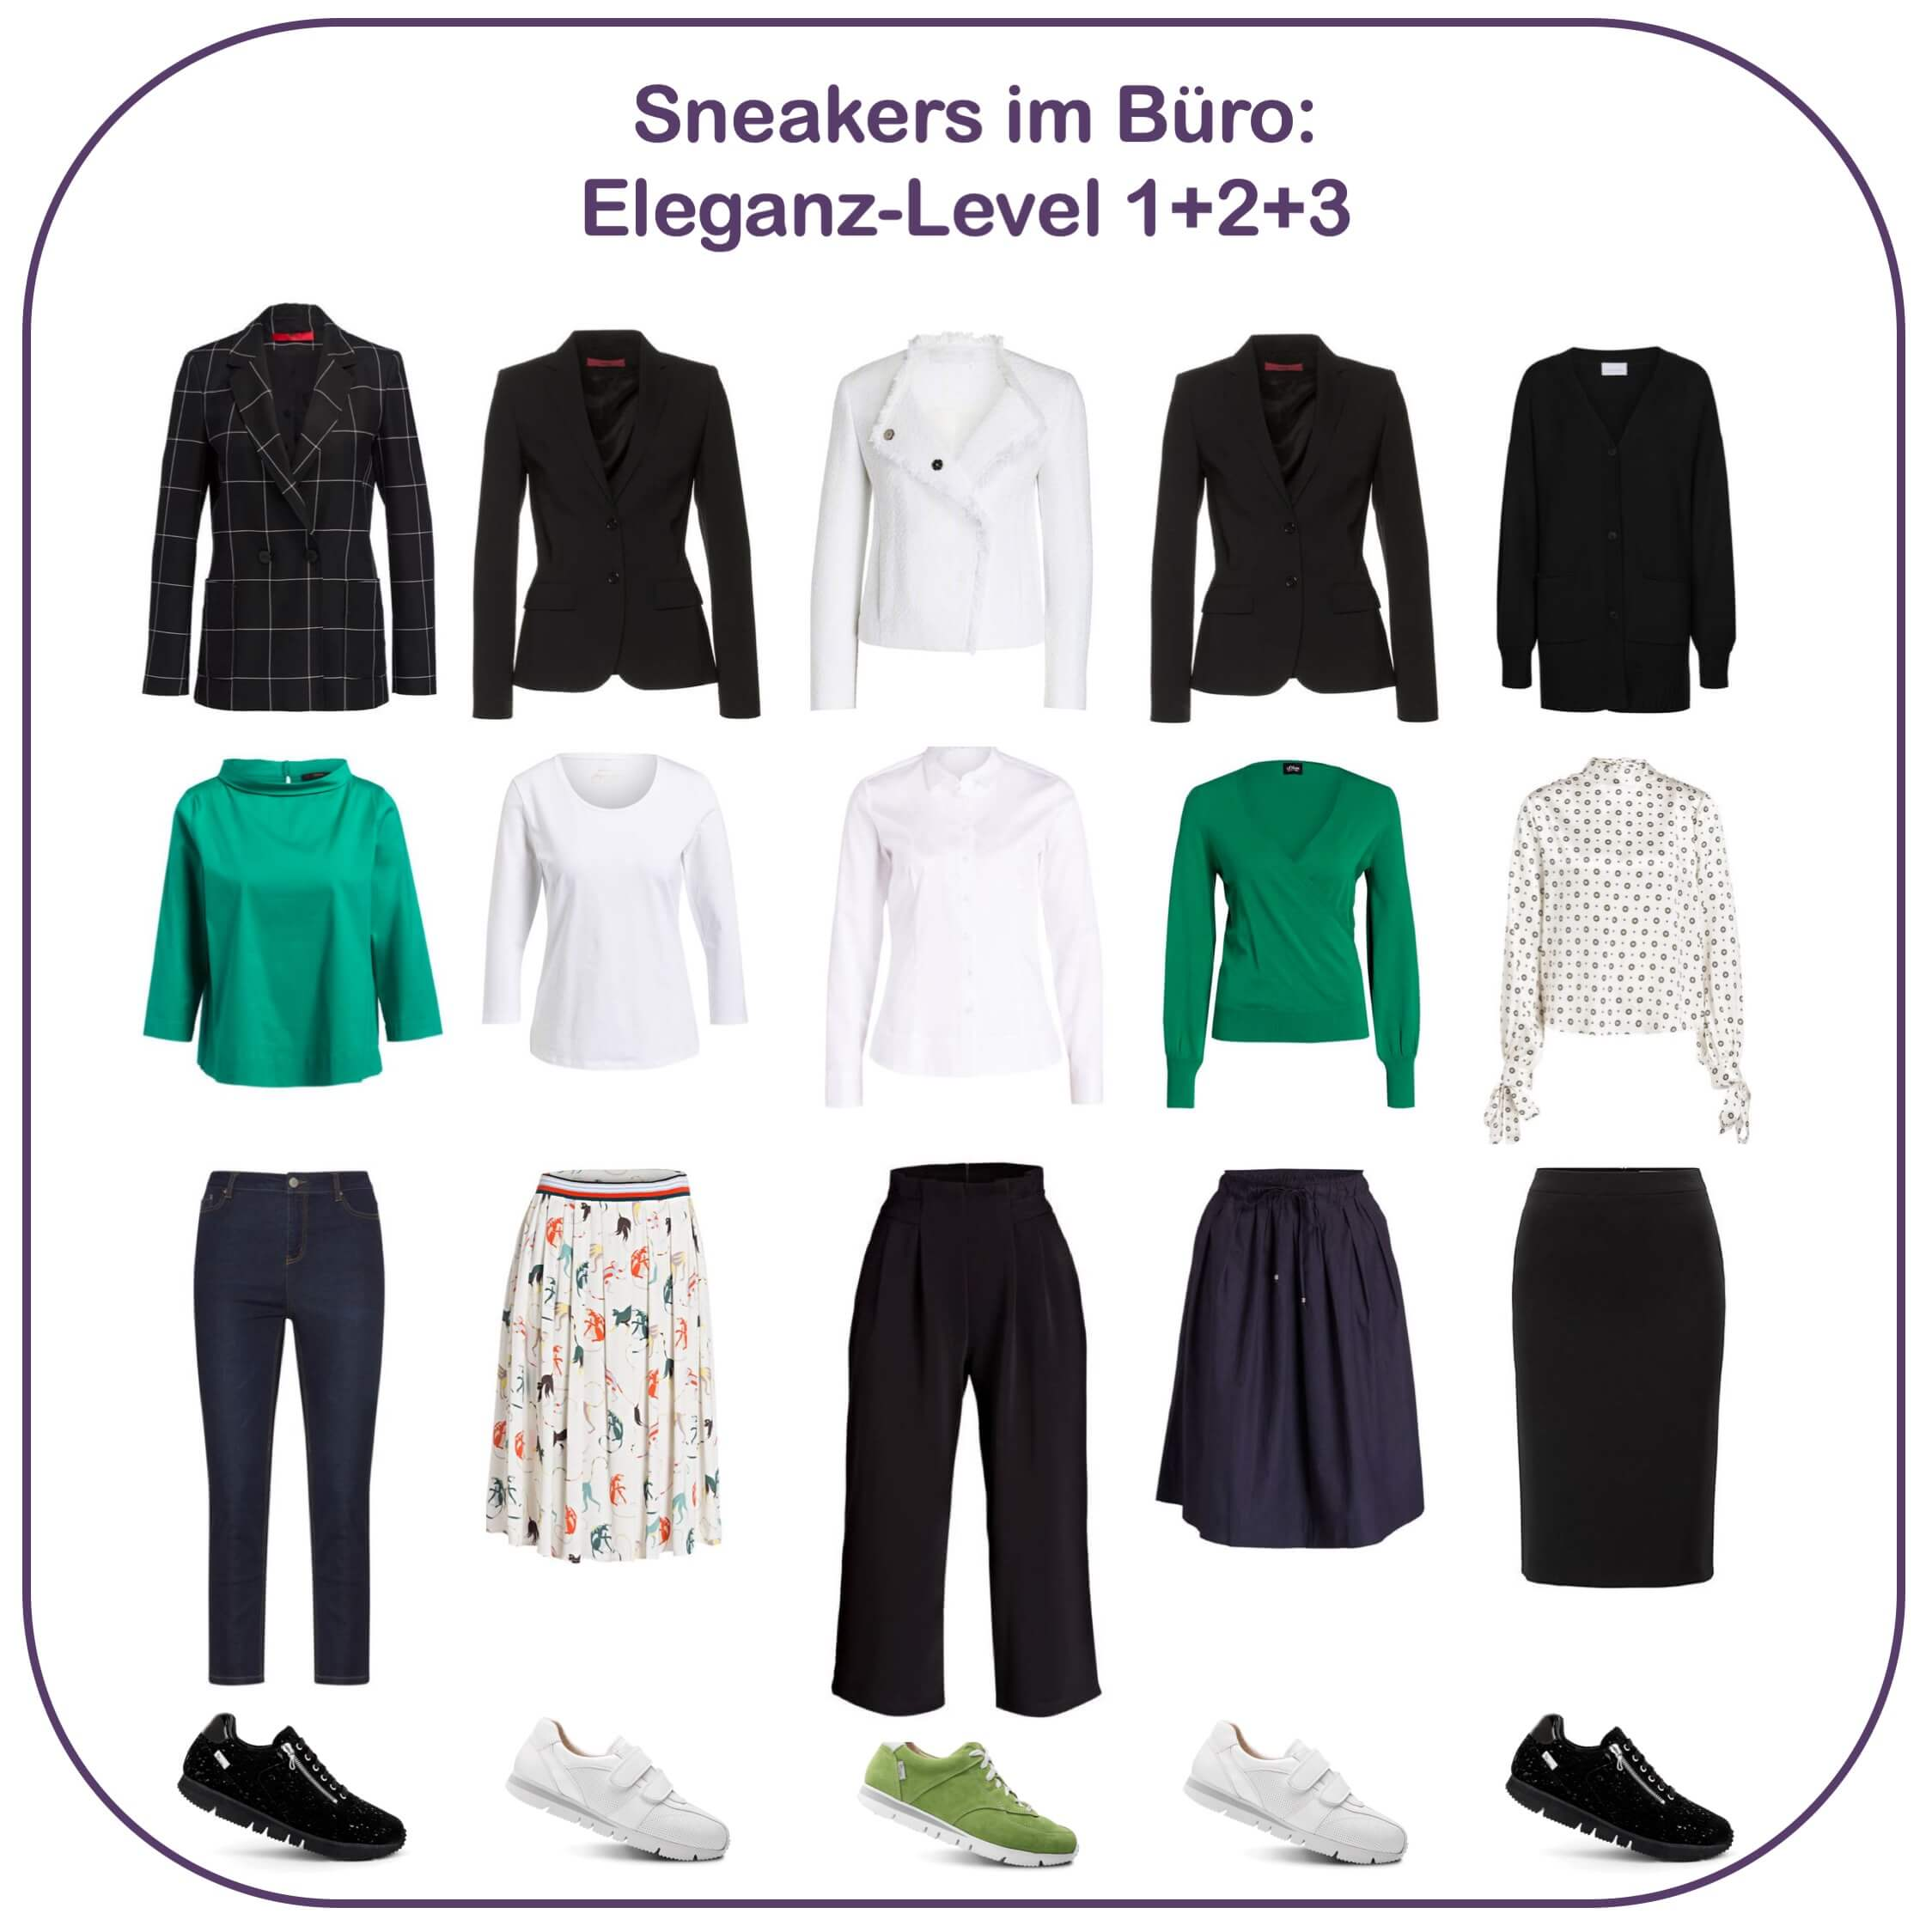 Sneakers im Büro - Eleganz-Level 1,2, und 3